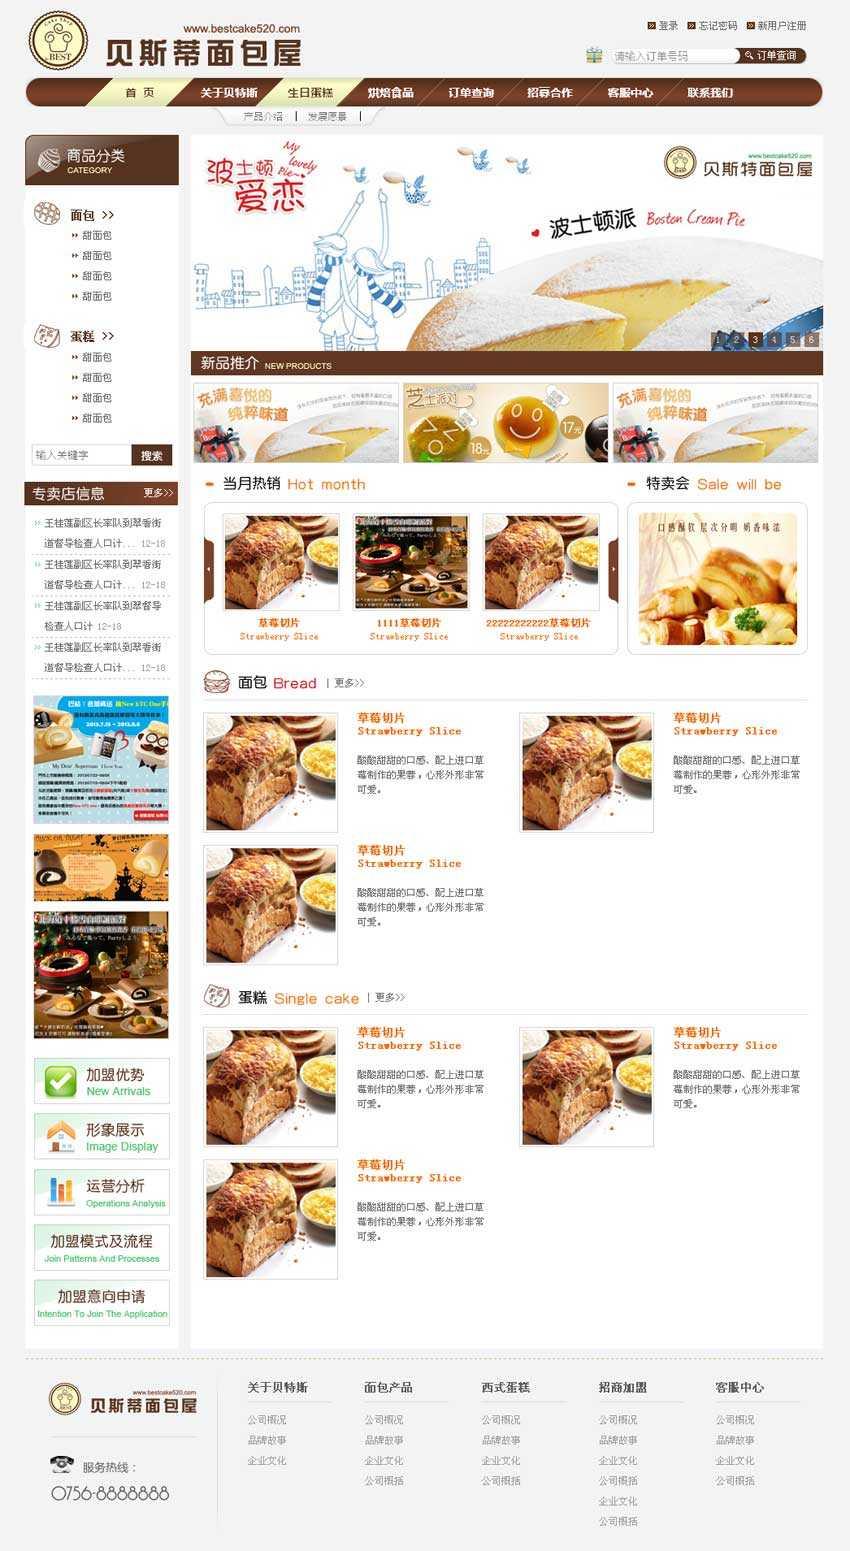 贝斯蒂面包店网站模板html源代码